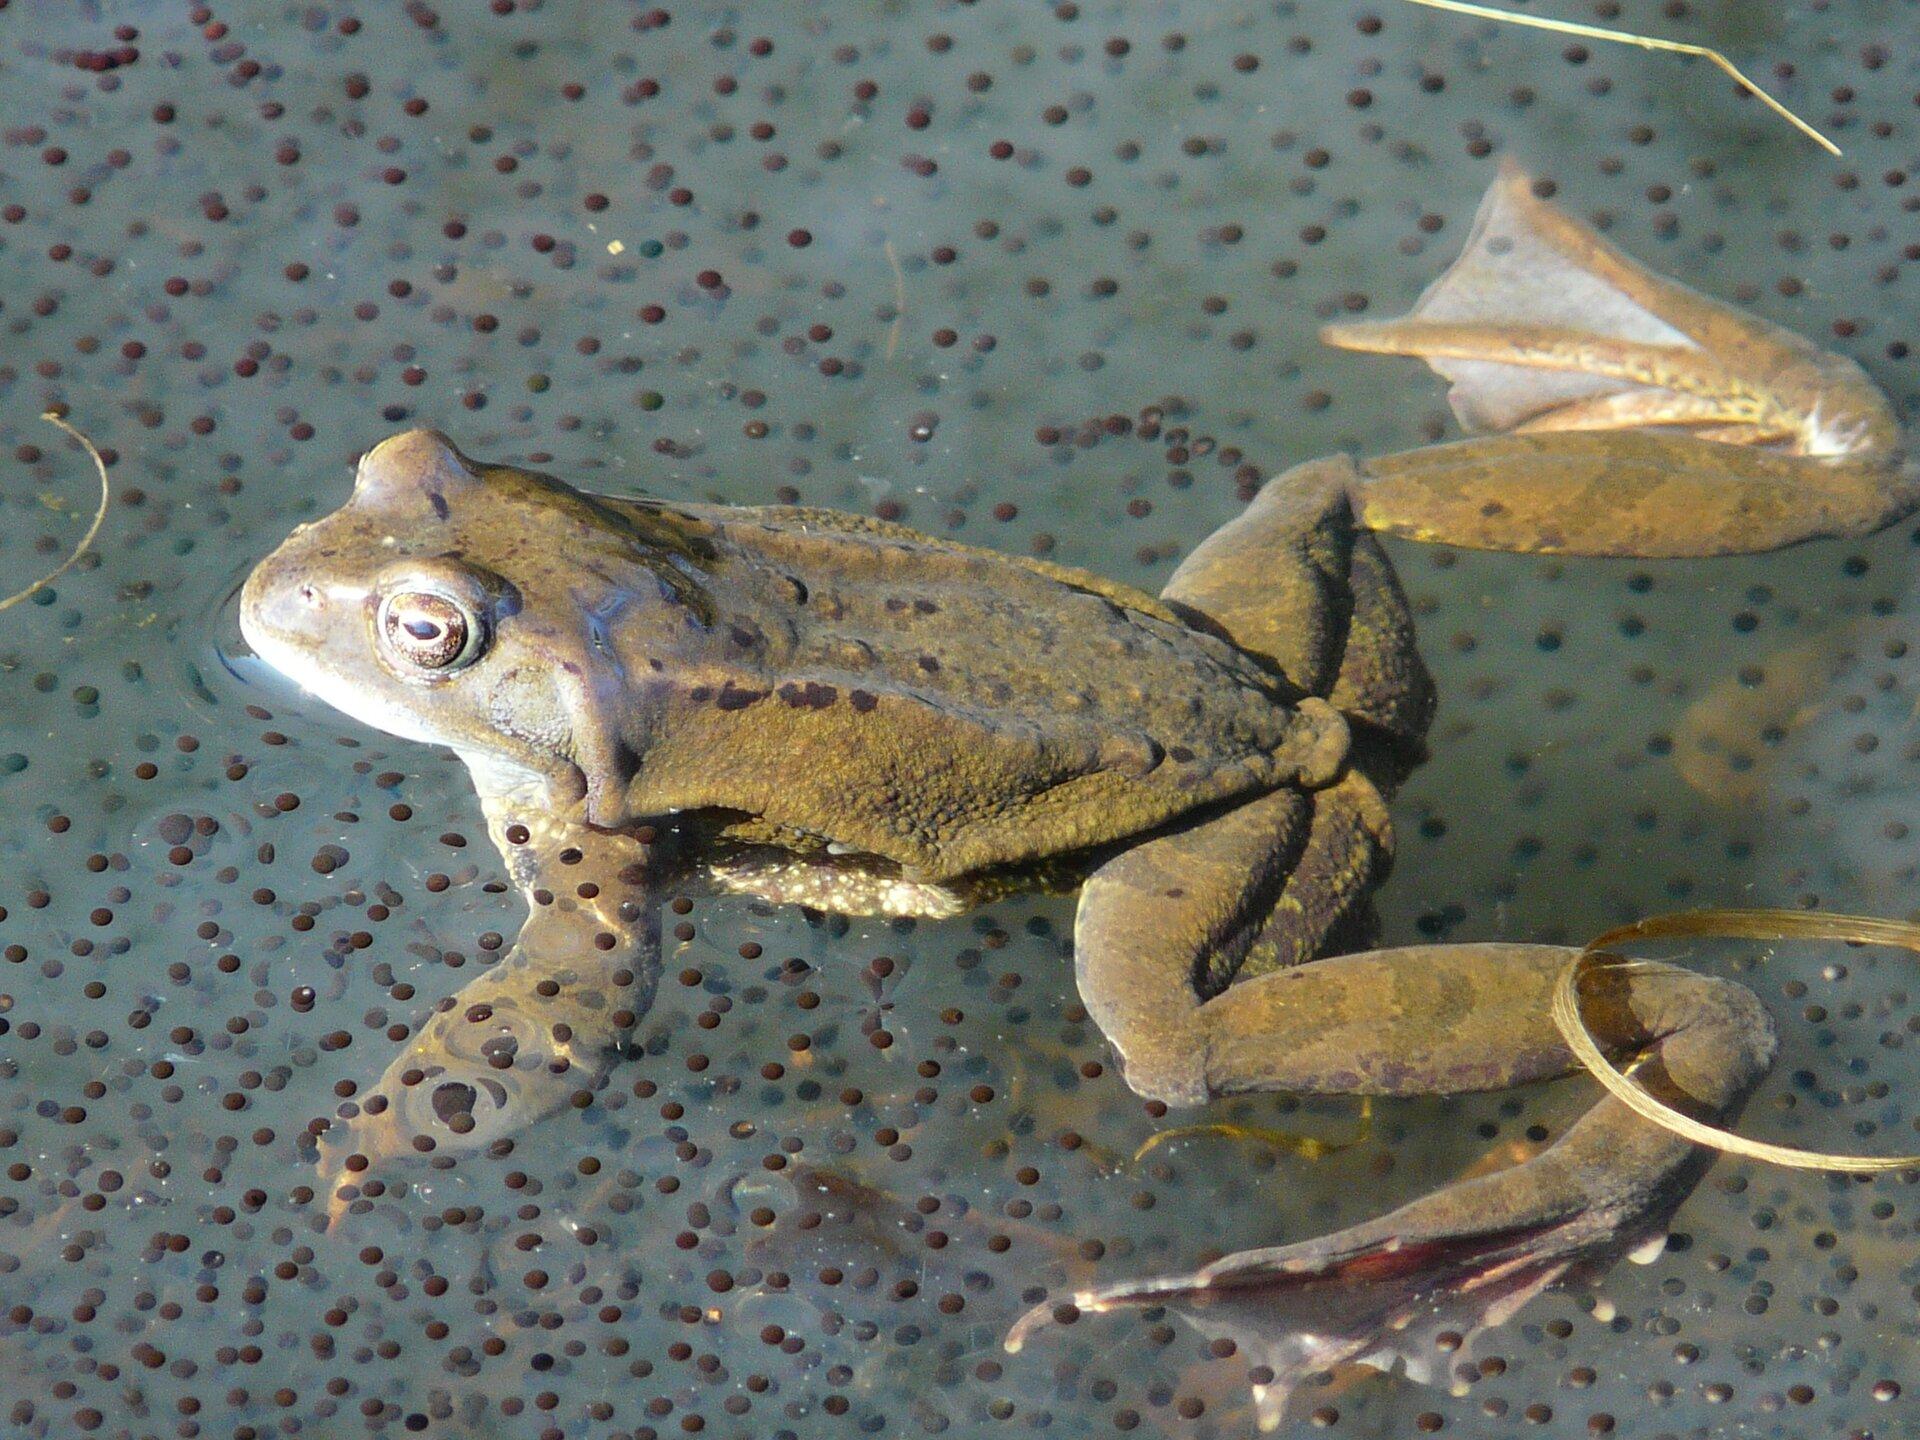 Fotografia żaby wśród skrzeku. Żaba pływa wwodzie. Przednie kończyny są krótkie, atylne dlugie irozpostarte na boki. Między palcami tylnych kończyn rozpięta błona. Ciało żaby jest zielone, dolna część głowy igardło są białe. Dookola żaby wwodzie znajduej się skrzek. Są to półprzezroczyste kule zdużą czarną kropką wśrodku. Kropka to zarodek, zktórego rozwinie się kijanka.